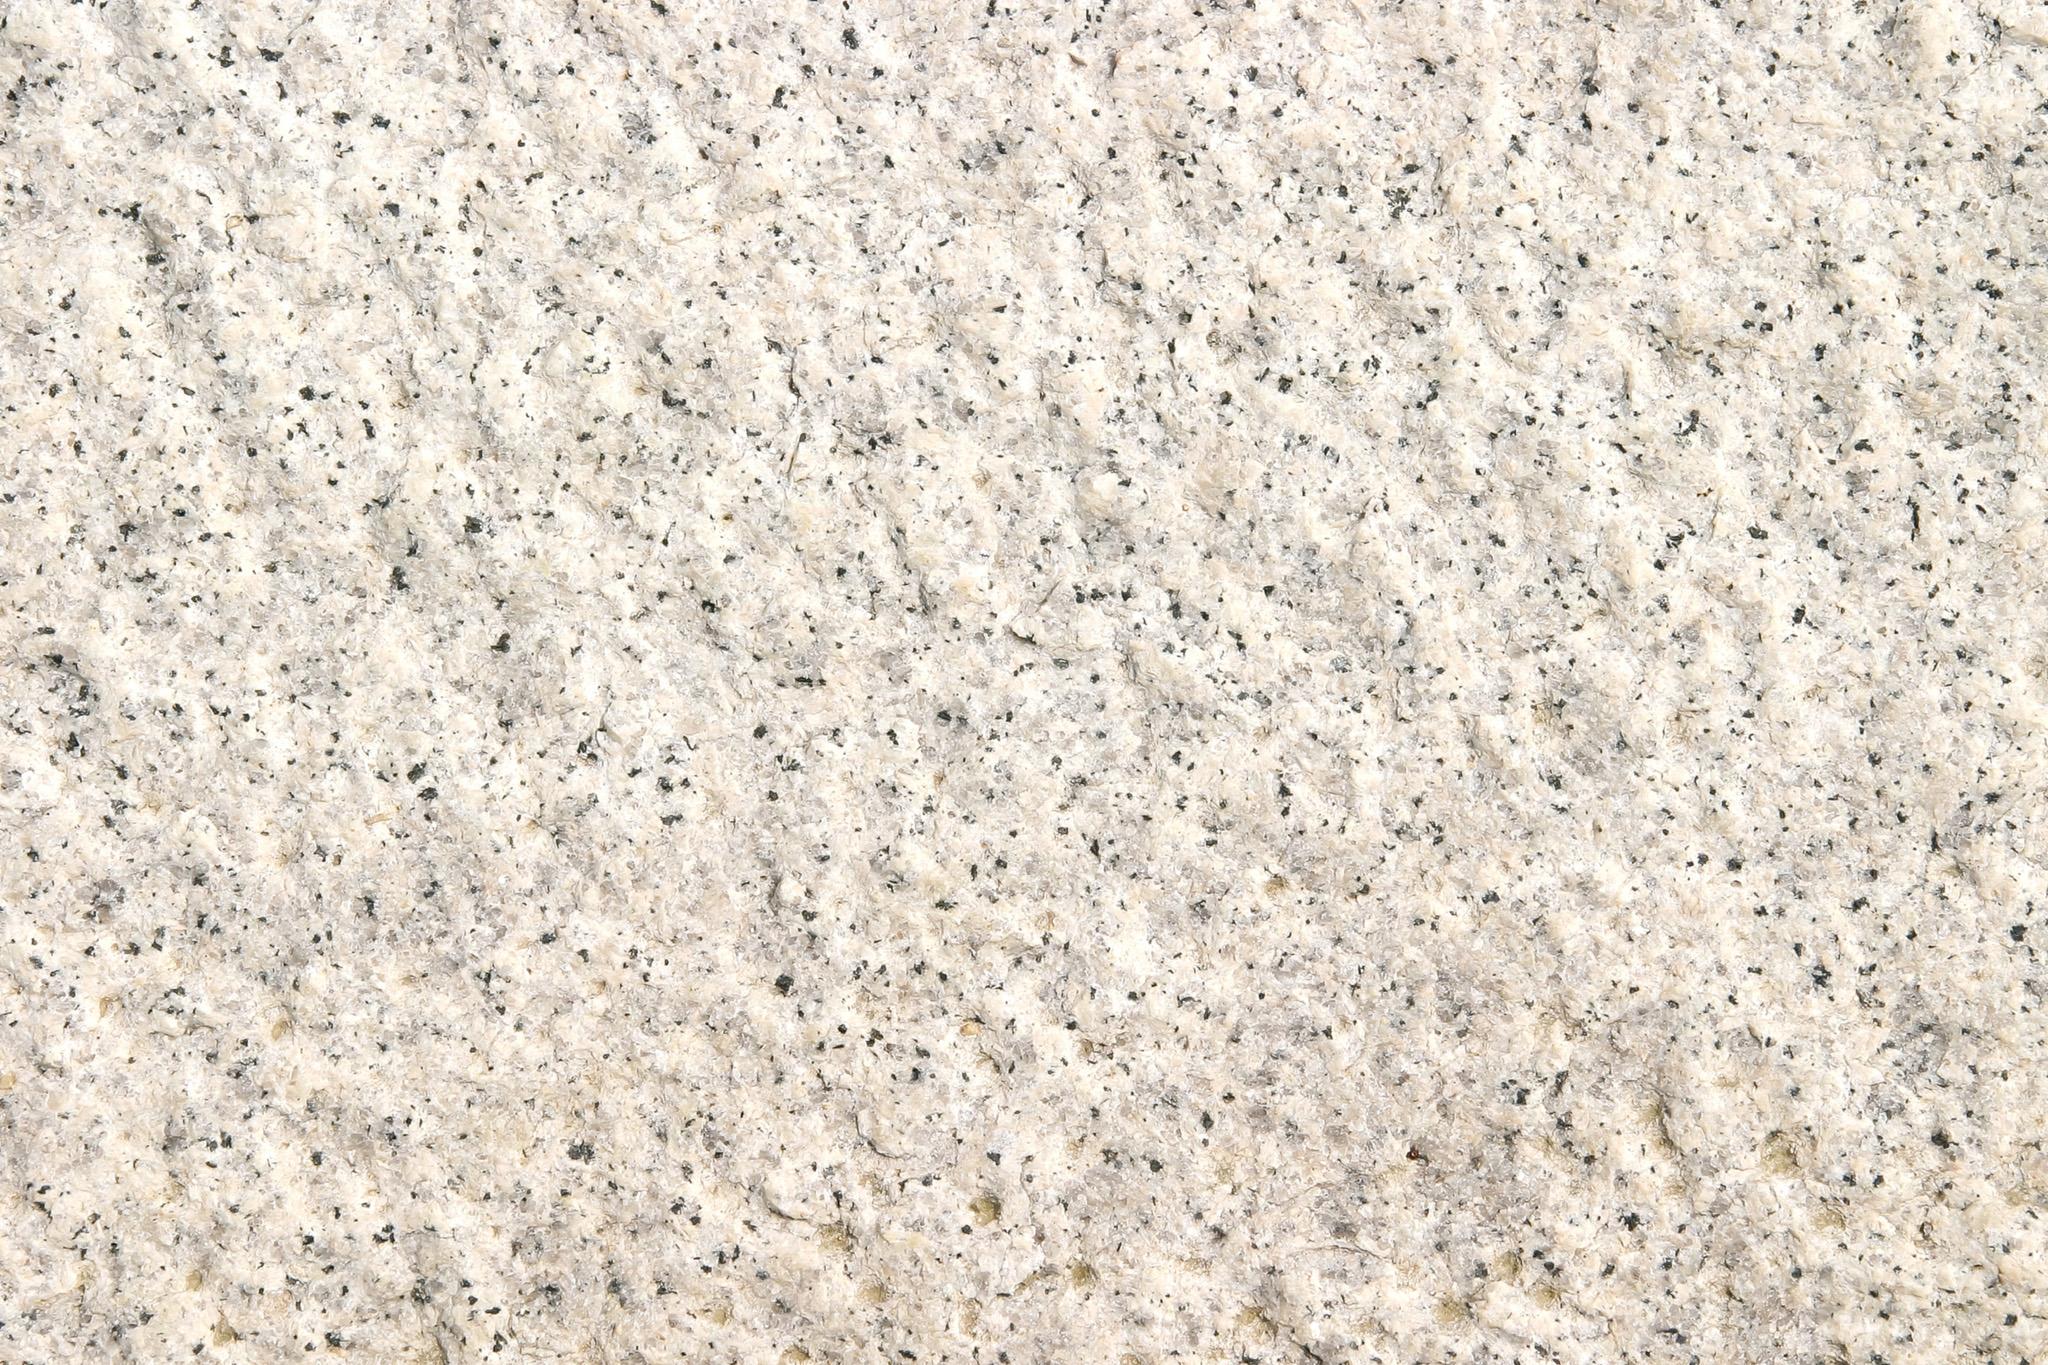 「石の質感」のテクスチャを無料ダウンロード